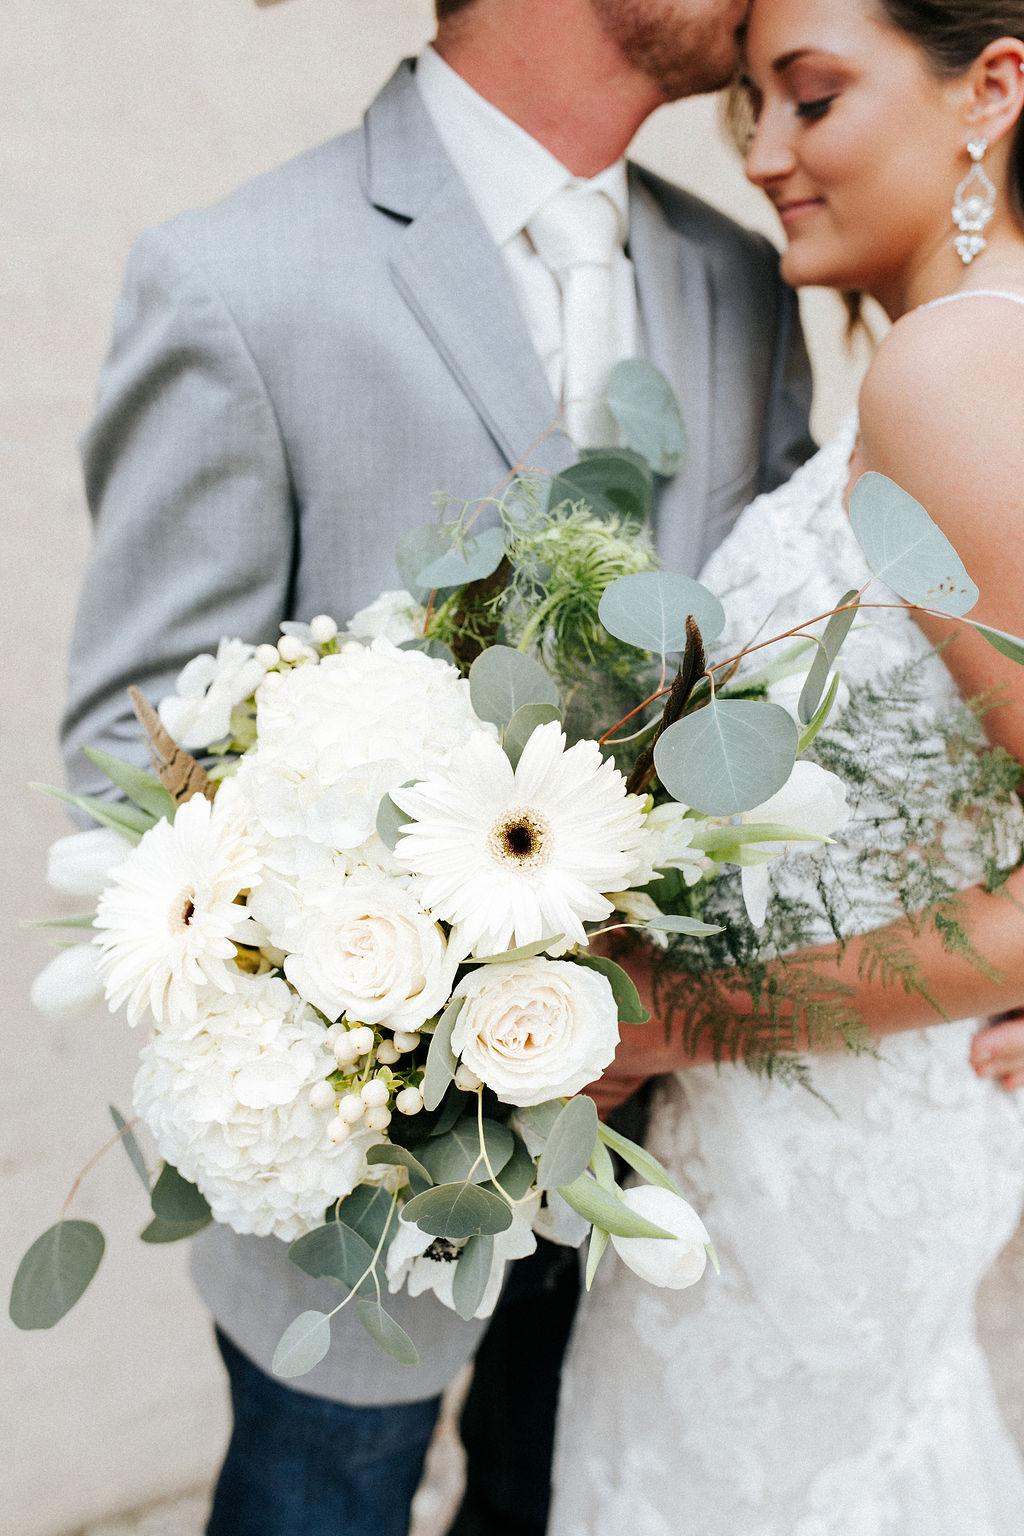 Epoch Co+ Destination wedding planner | First Look Photo Ideas with Groom | Rockin Star Ranch, Brenham Wedding Venue | Velvet + Wire Photography | Austin Wedding Planner | white + green bridal bouquet inspiration